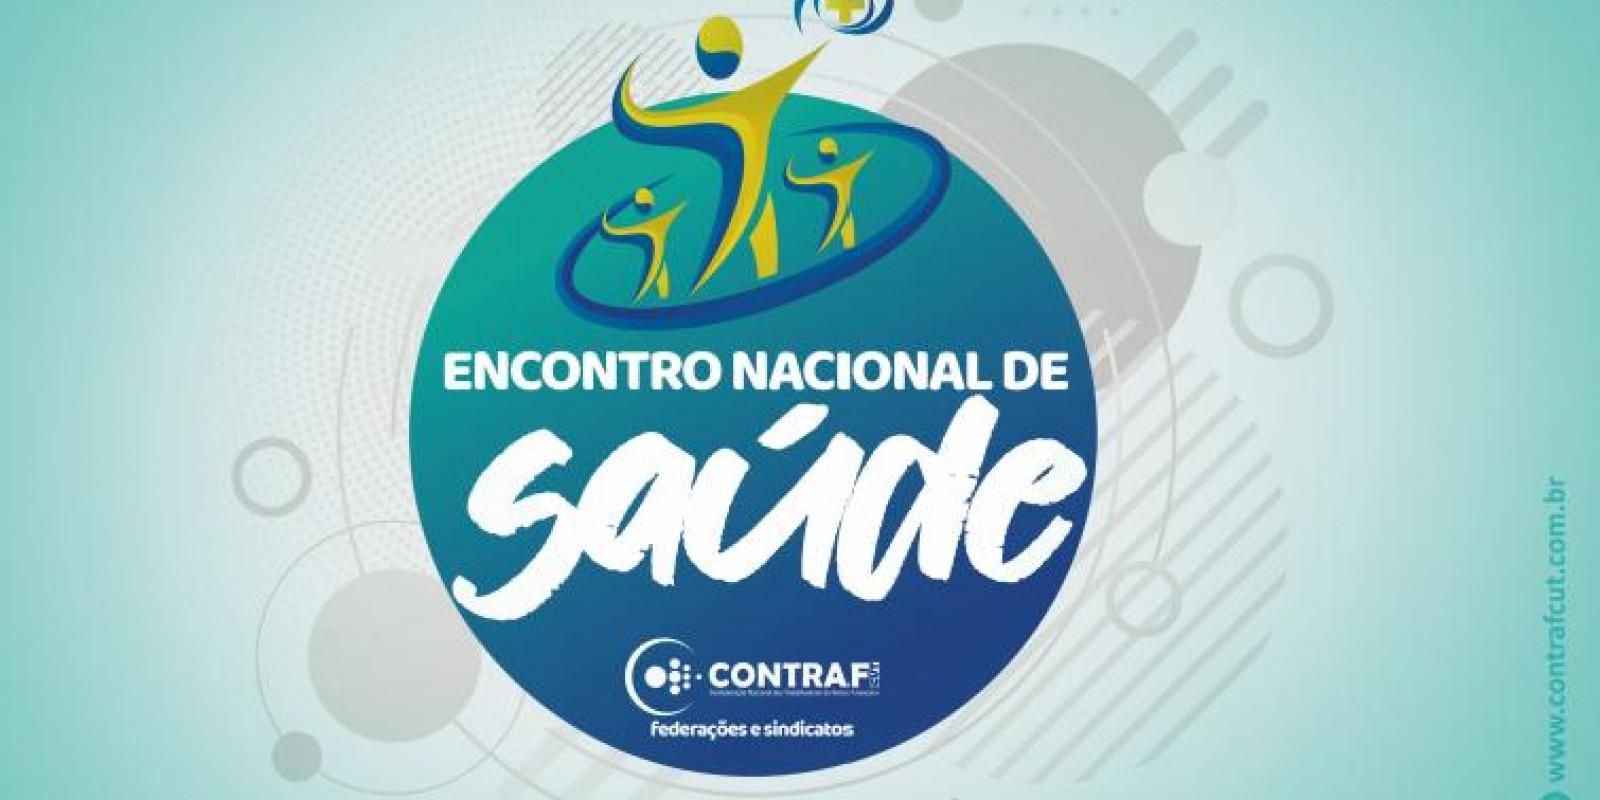 Sábado (28) tem Encontro Nacional de Saúde dos Funcionários do Banco do Brasil